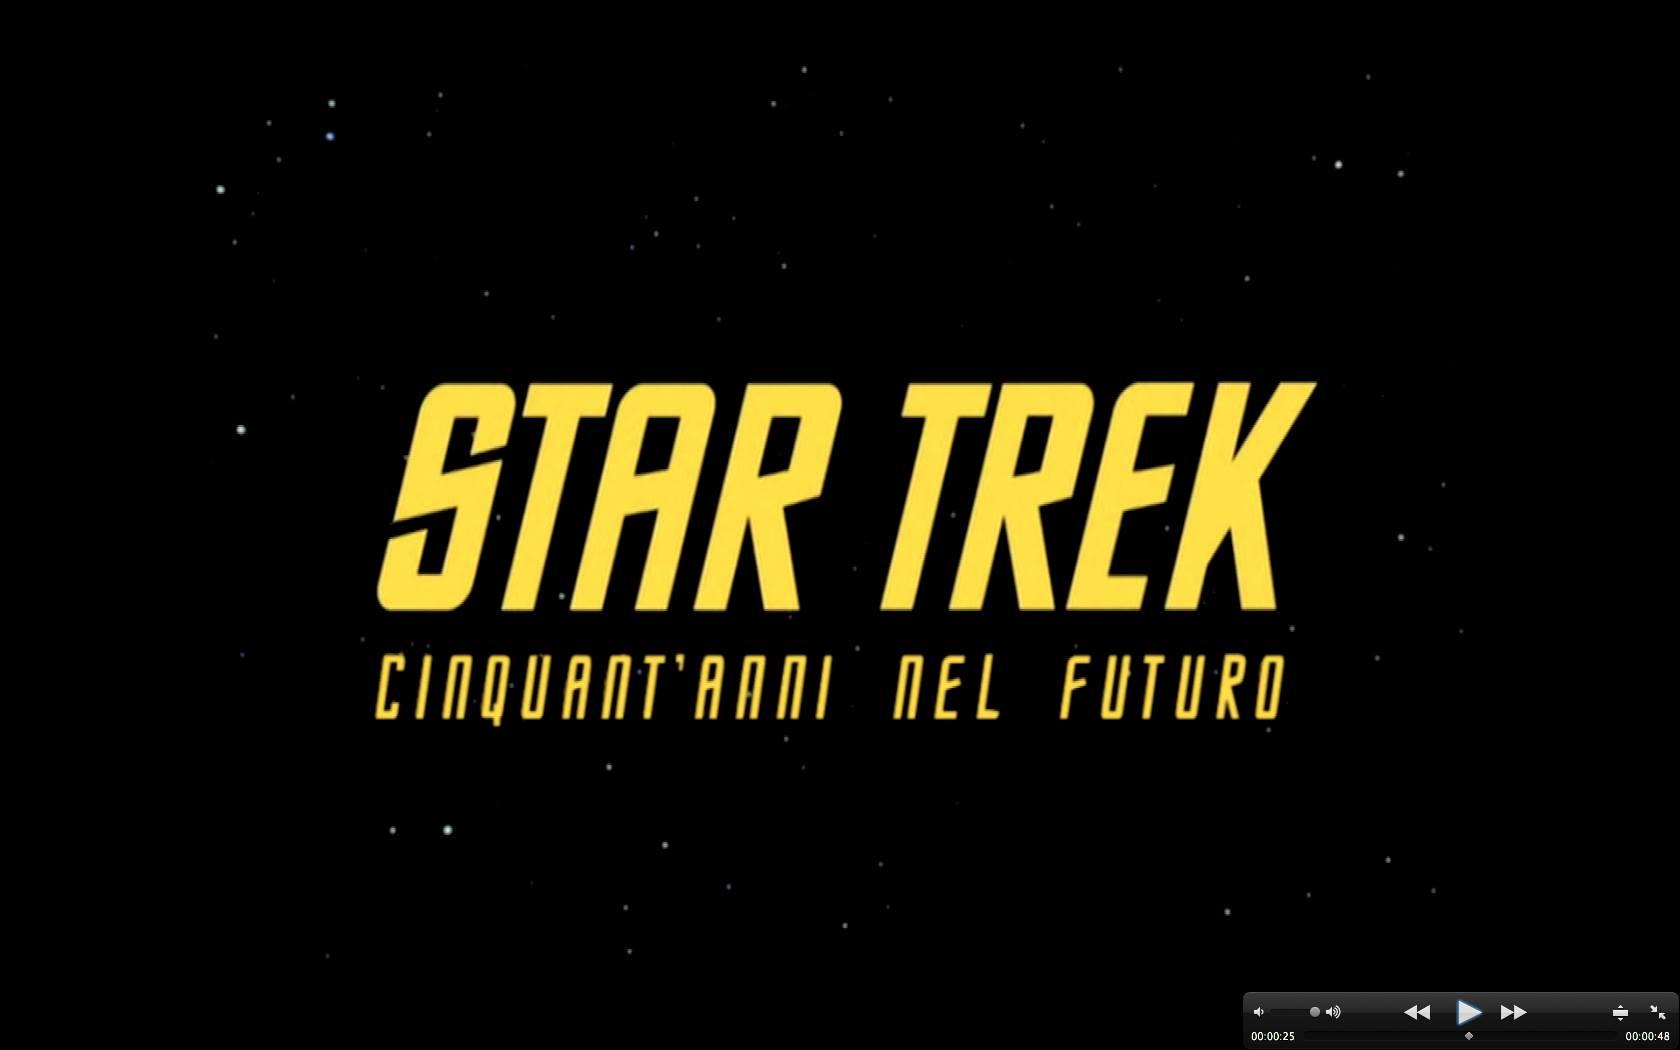 I Capitani di Star Trek Di Antonio Palazzo e Stefano Zucca Una recensione dedicata a chi si avvicina per la prima volta al mondo di Star Trek, partendo in ordine […]